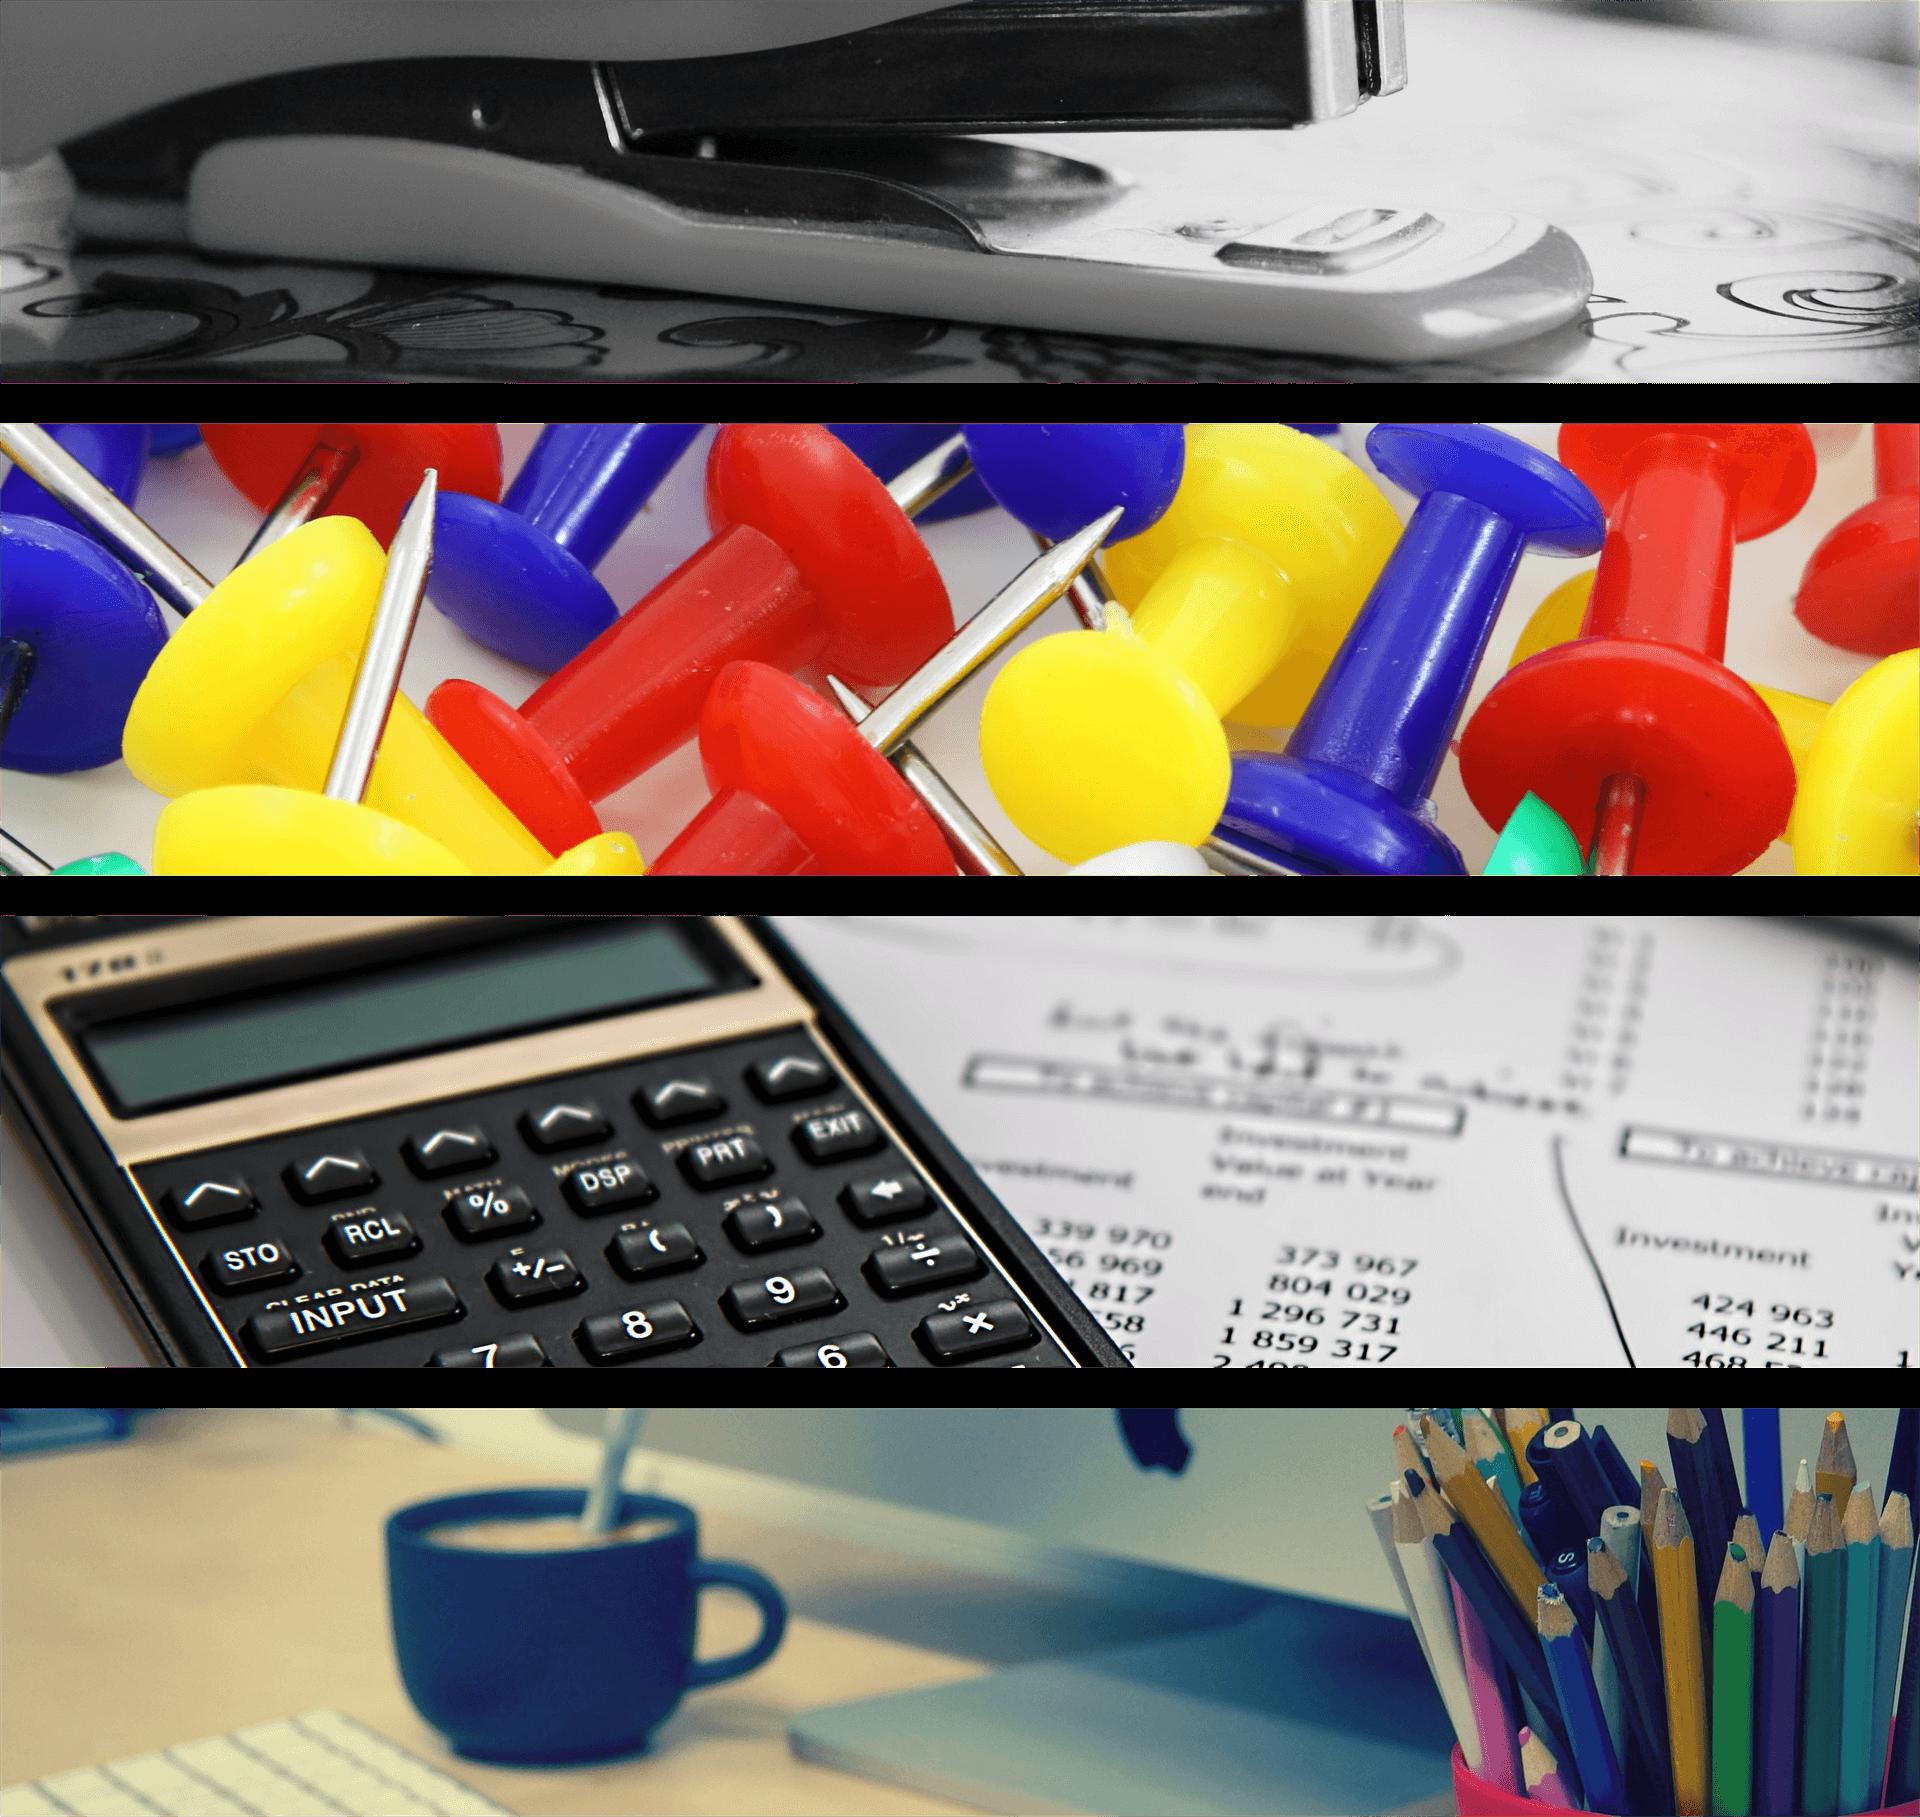 Alles was man im Homeoffice so braucht (c) kropekk_pl / pixabay.de